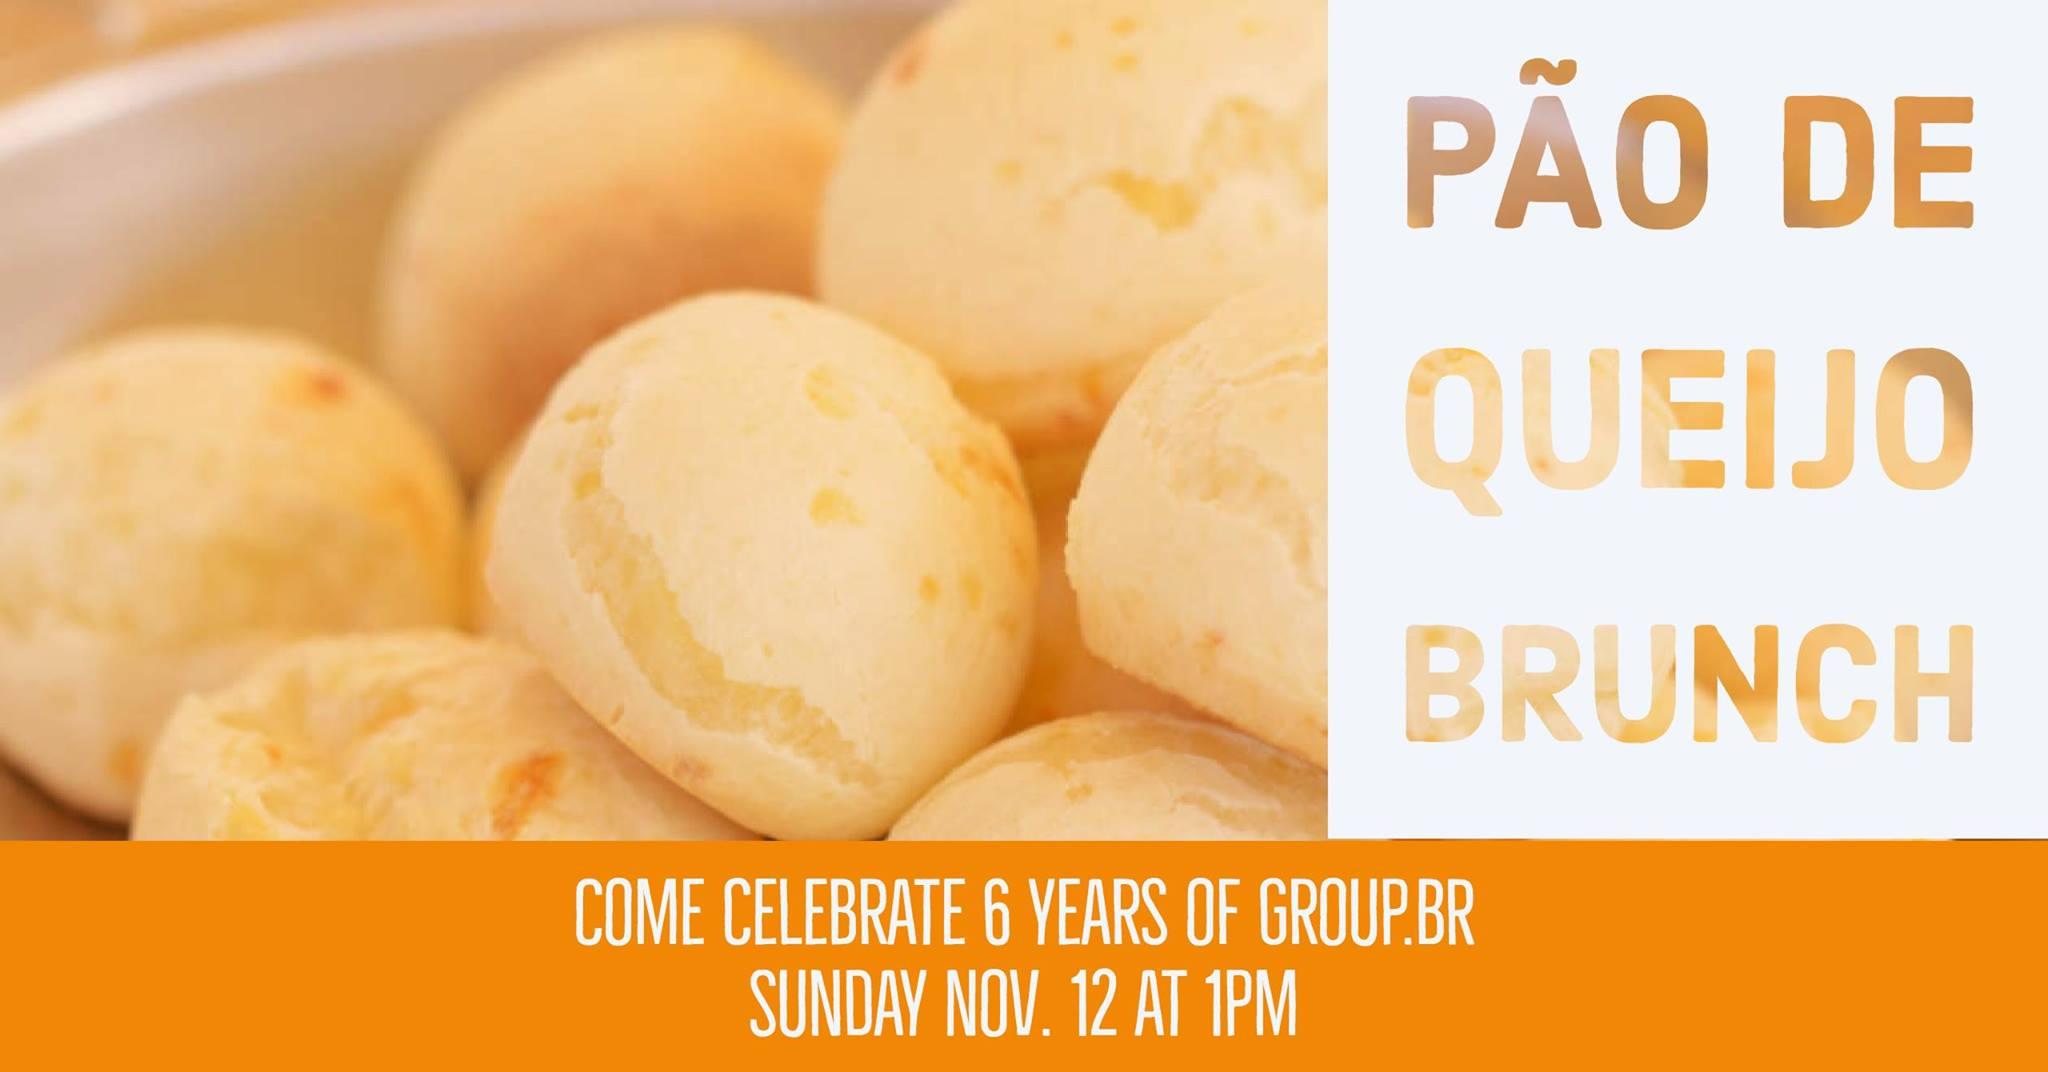 Pão de Queijo Brunch celebrating Group .BR's 6th anniversary